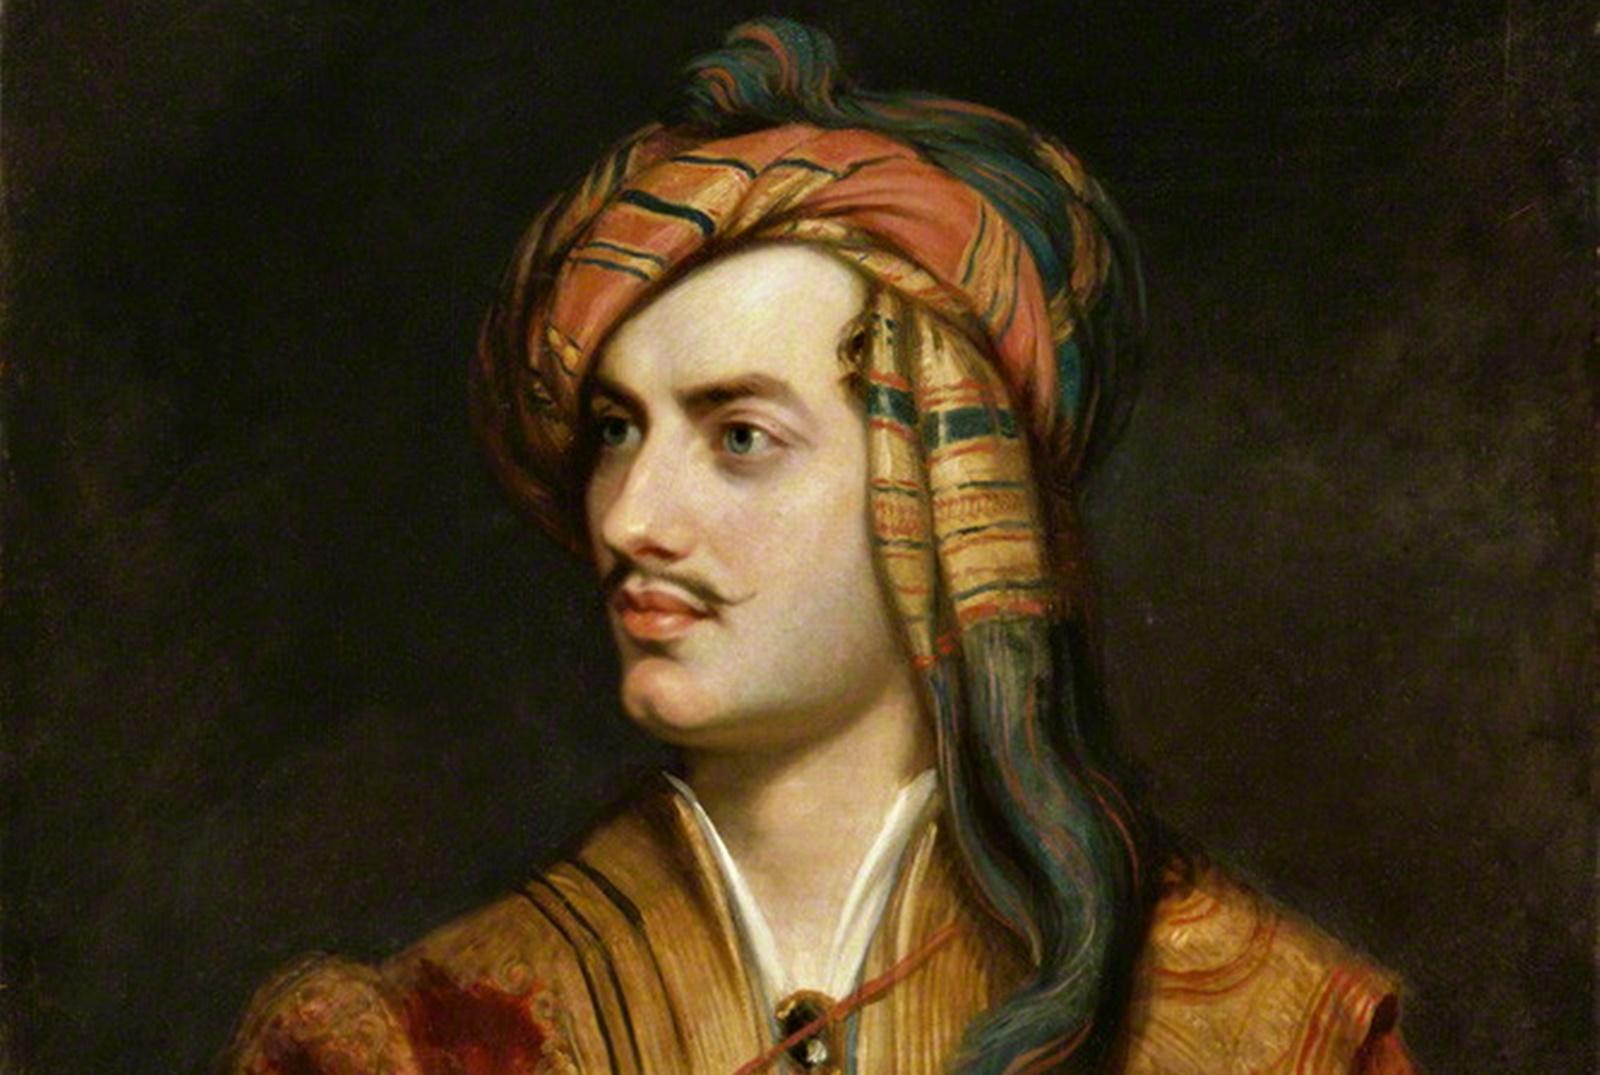 """Джордж Байрон<br /> Джордж Гордън Байрон, по-известен като Лорд Байрон, е син на на капитан Джон, известен като """"Лудия Джо"""" Байрон и втората му съпруга Катрин Гордън, наследница на Гайт в Абърдийншър, Шотландия. Байрон успява да си спечели и да поддържа репутация на екстравагантен, меланхоличен, смел, необикновен, ексцентричен, претенциозени полемичен човек. Той публикува редица произведения, с които обижда други поети. Осиновява си домашен любимец мечка, след като получава забрана да притежава кучета на територията на Кеймбриджкия университет.<br />"""